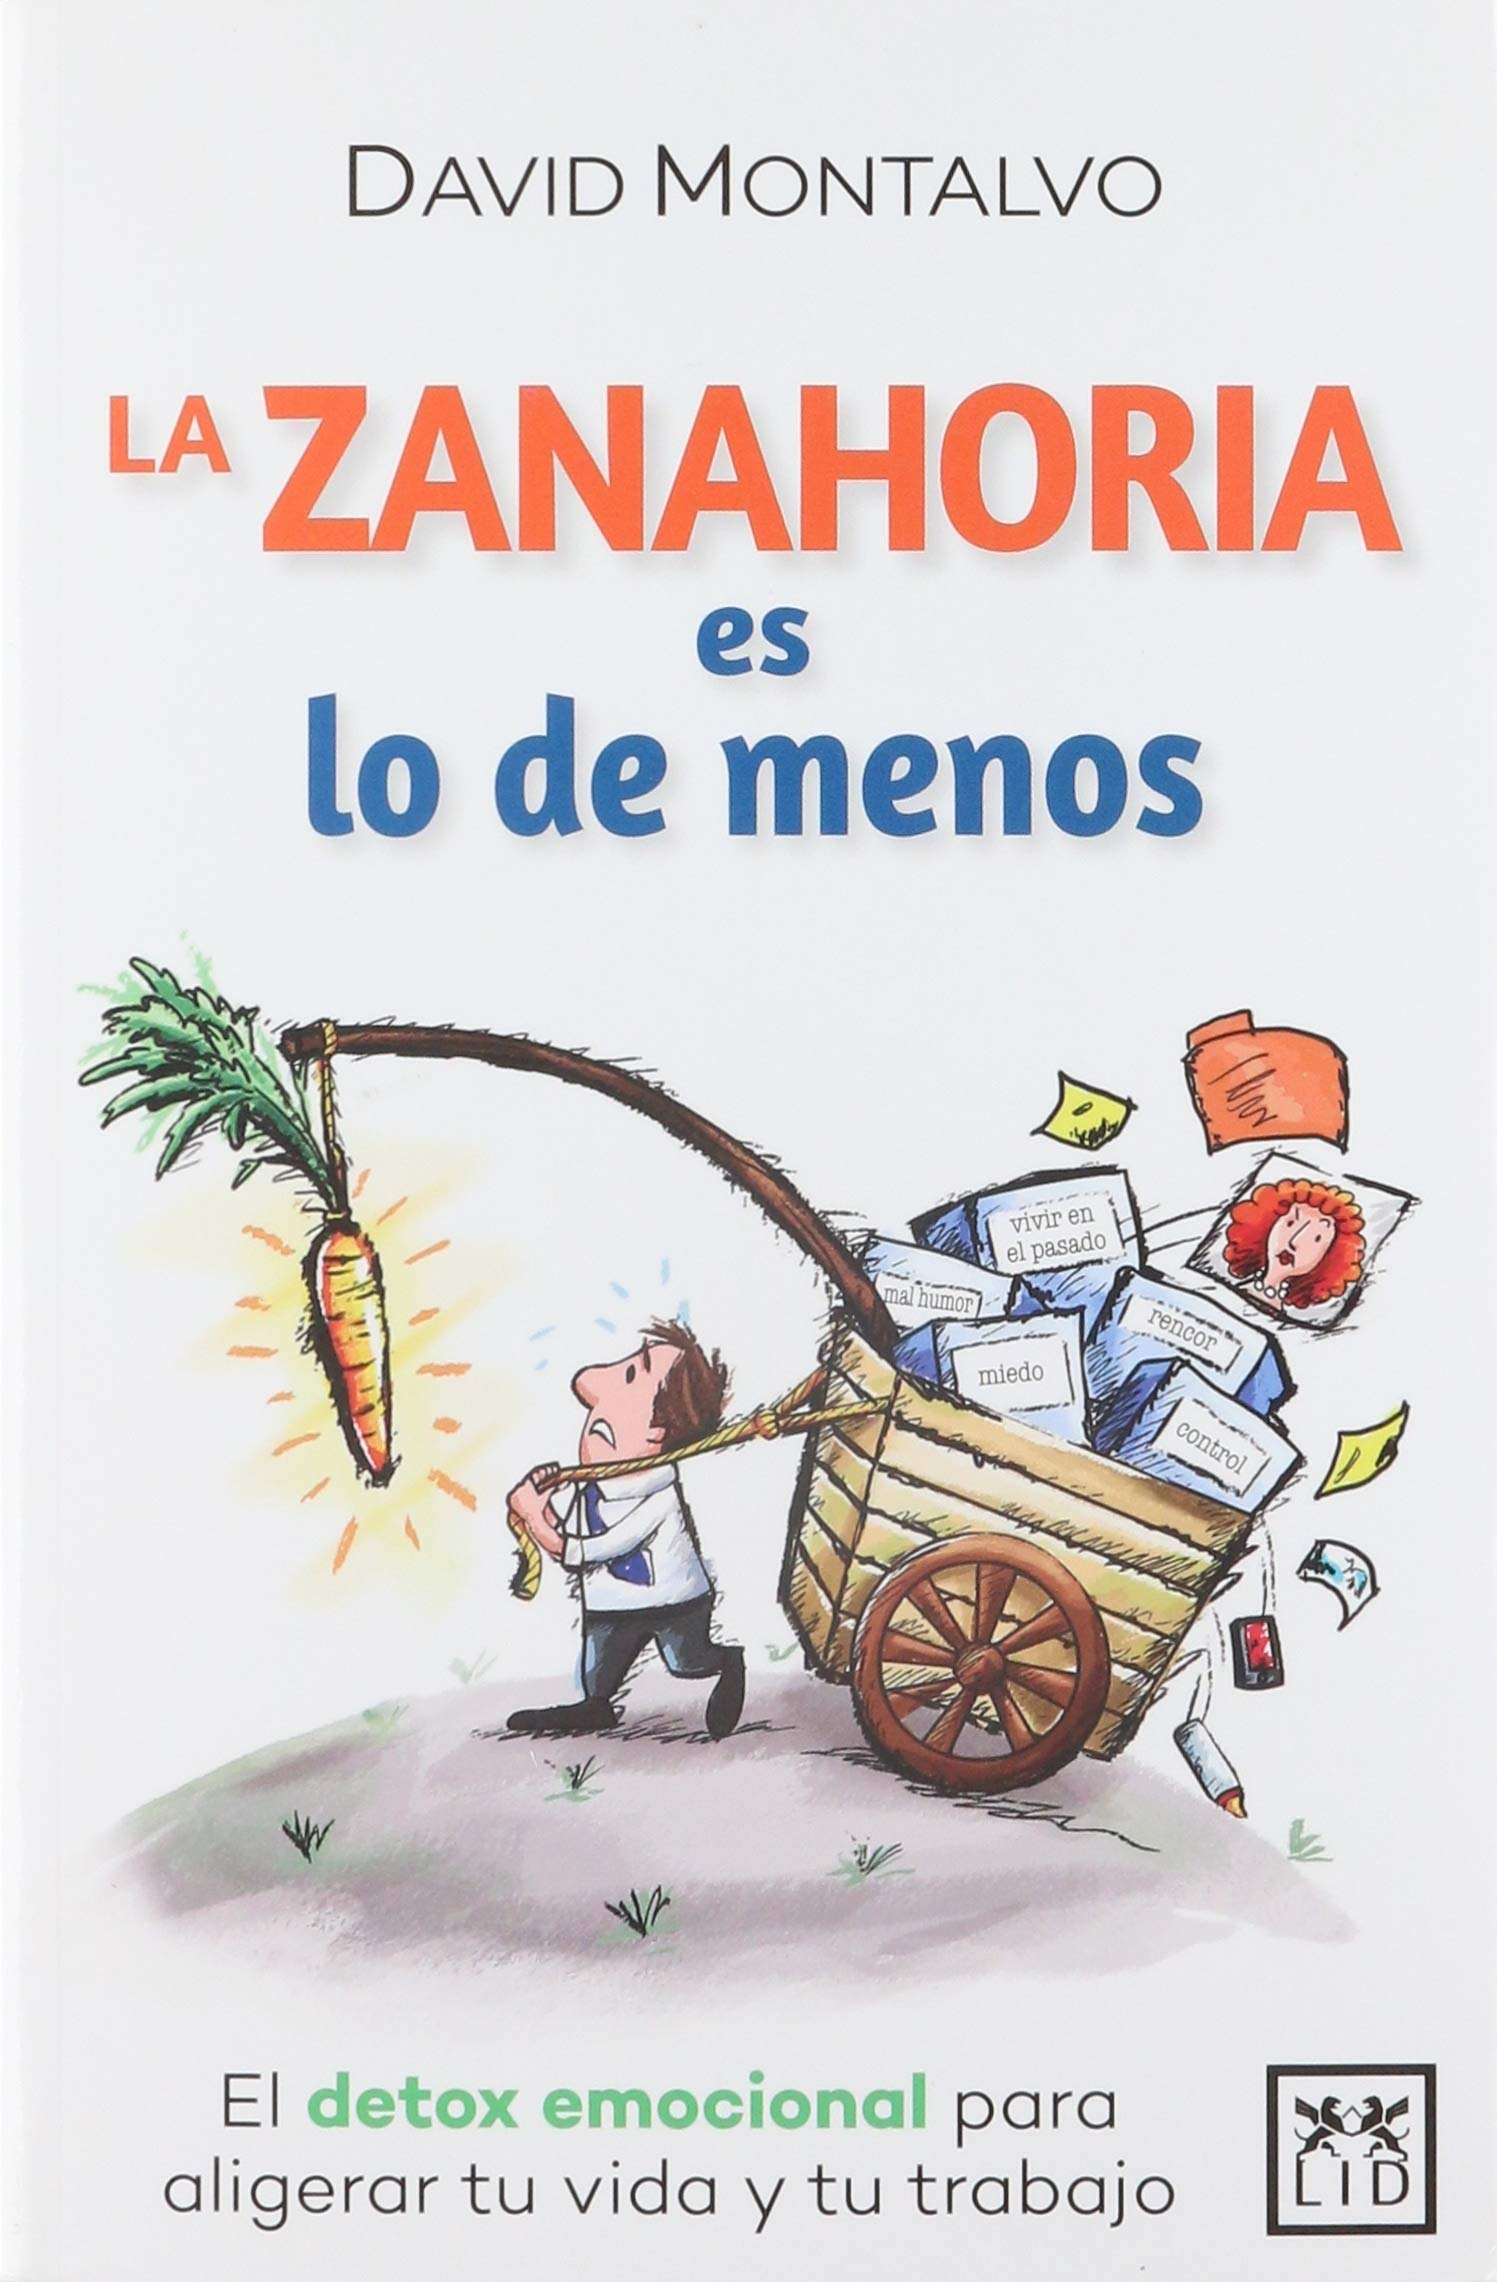 La Zanahoria Es Lo De Menos Spanish Edition Montalvo David 9786079380281 Amazon Com Books El búho el.'βu.o la zanahoria [la.sa.na.'o. la zanahoria es lo de menos spanish